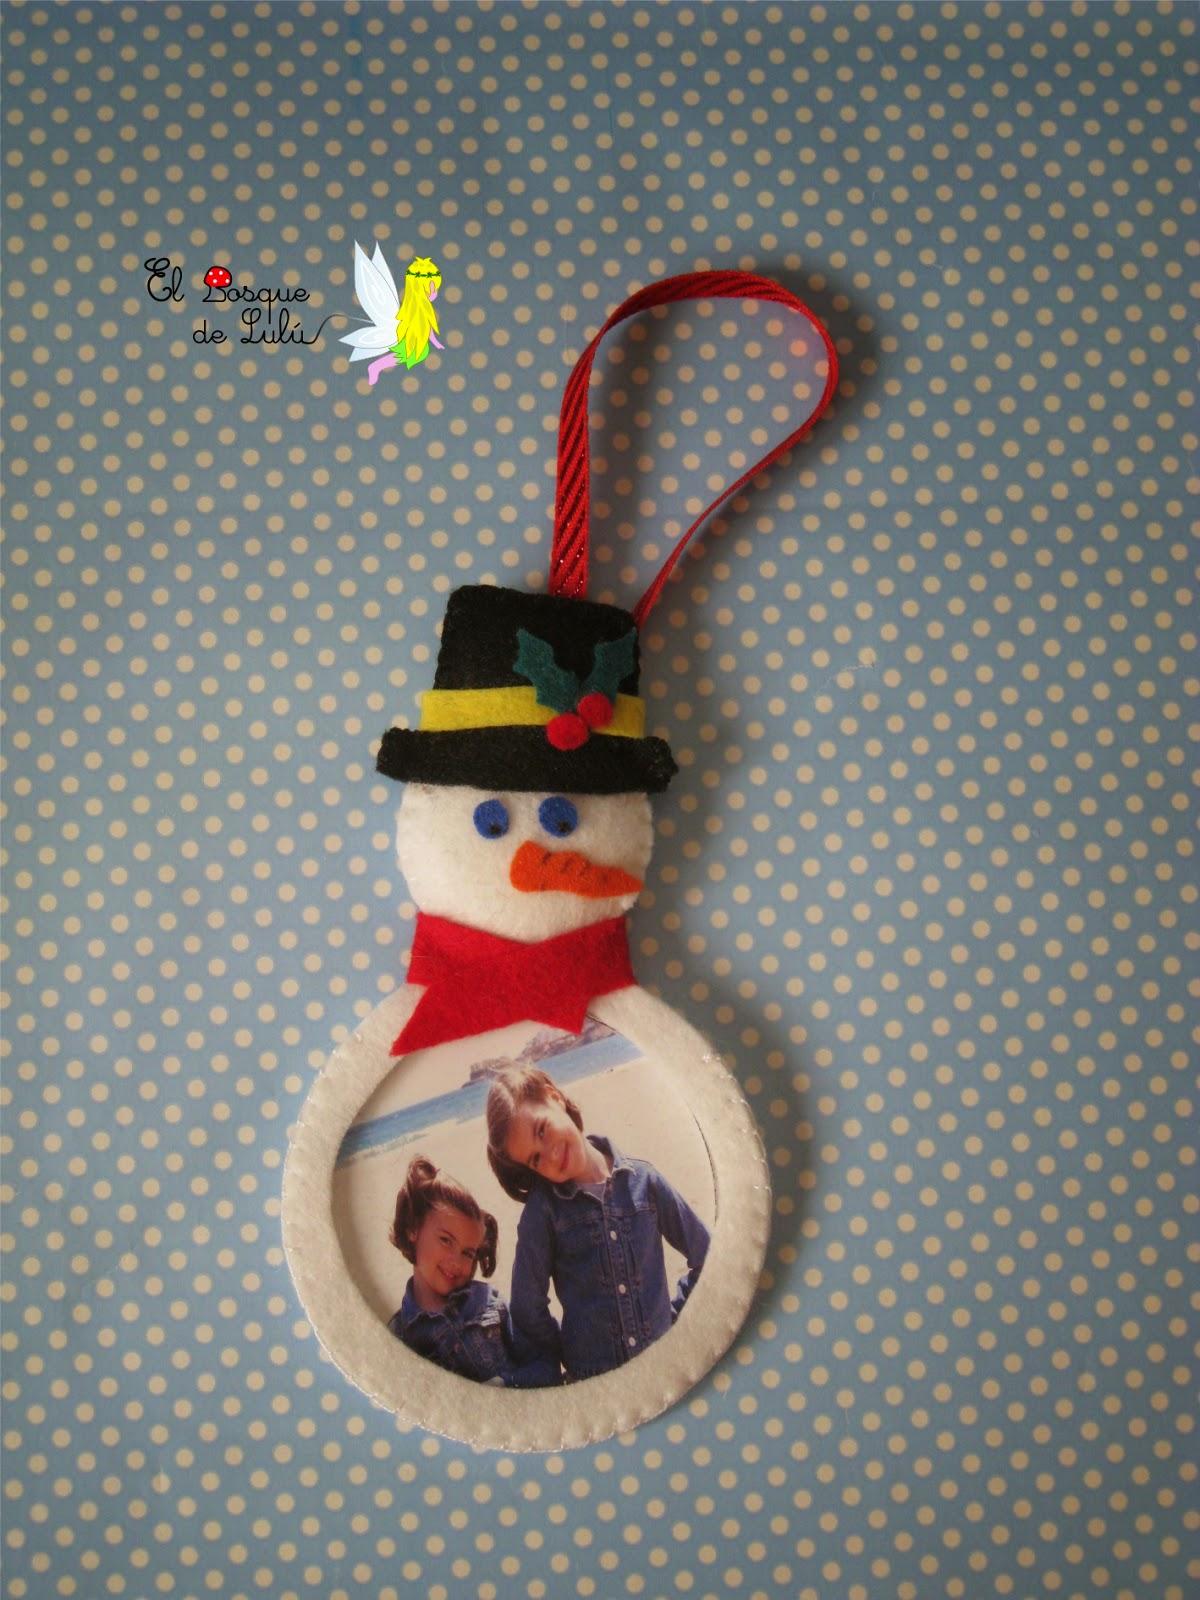 árbol-Navidad-adornos-fieltro-muñeco-nieve-regalo-navideño-decoración